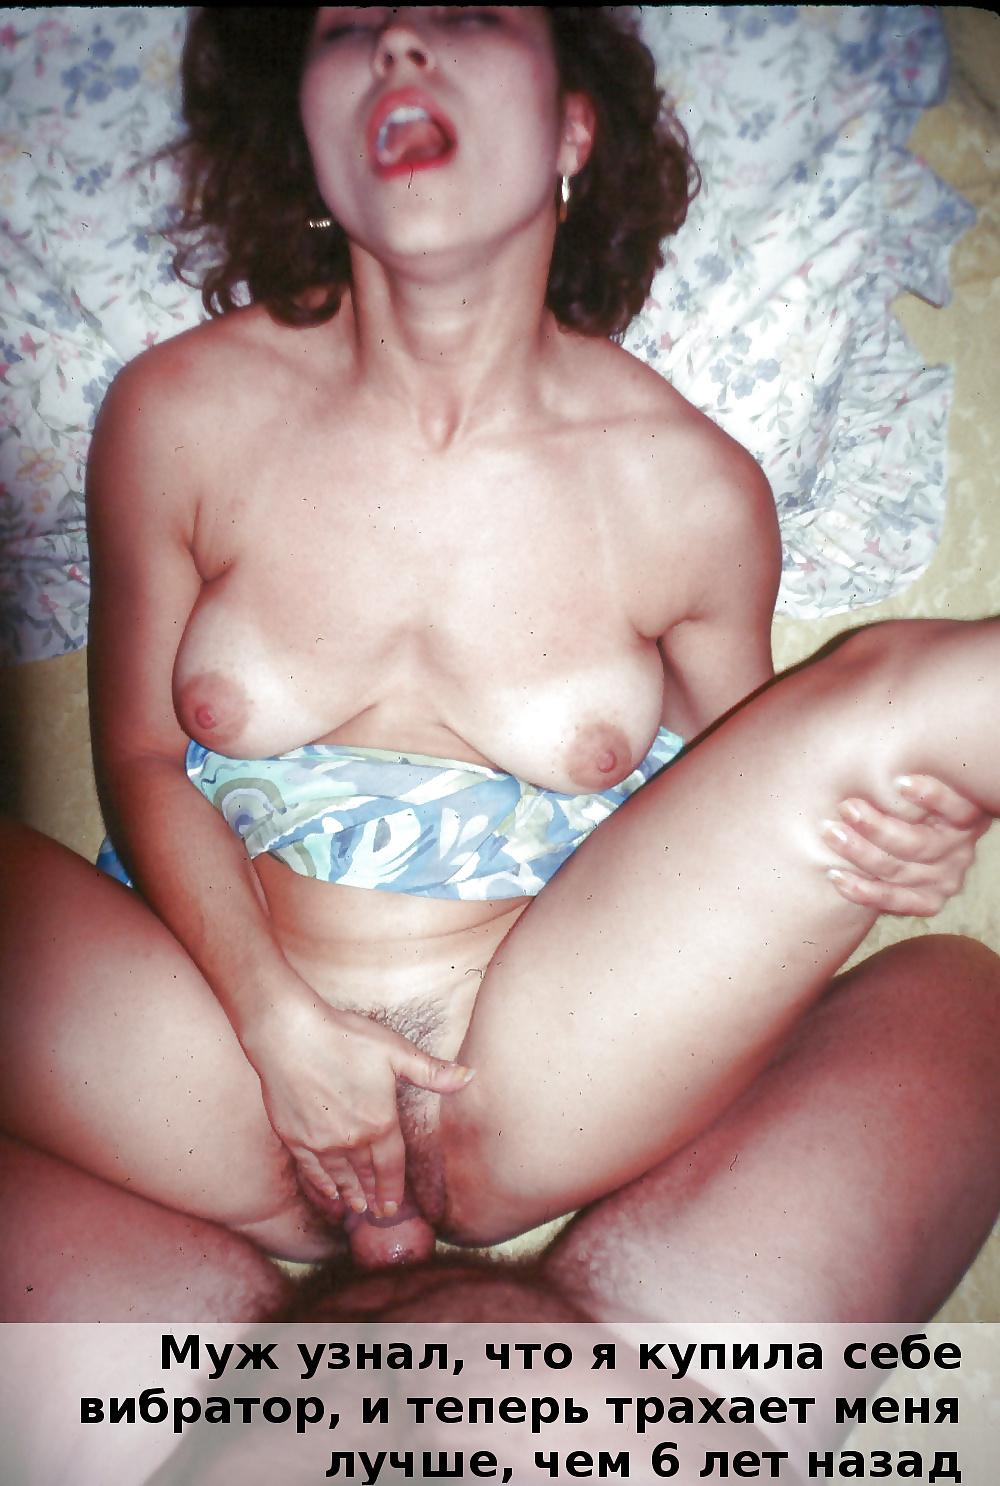 нашем сайте, как удовлетворить жену сексуально с фото была горячая растворяла